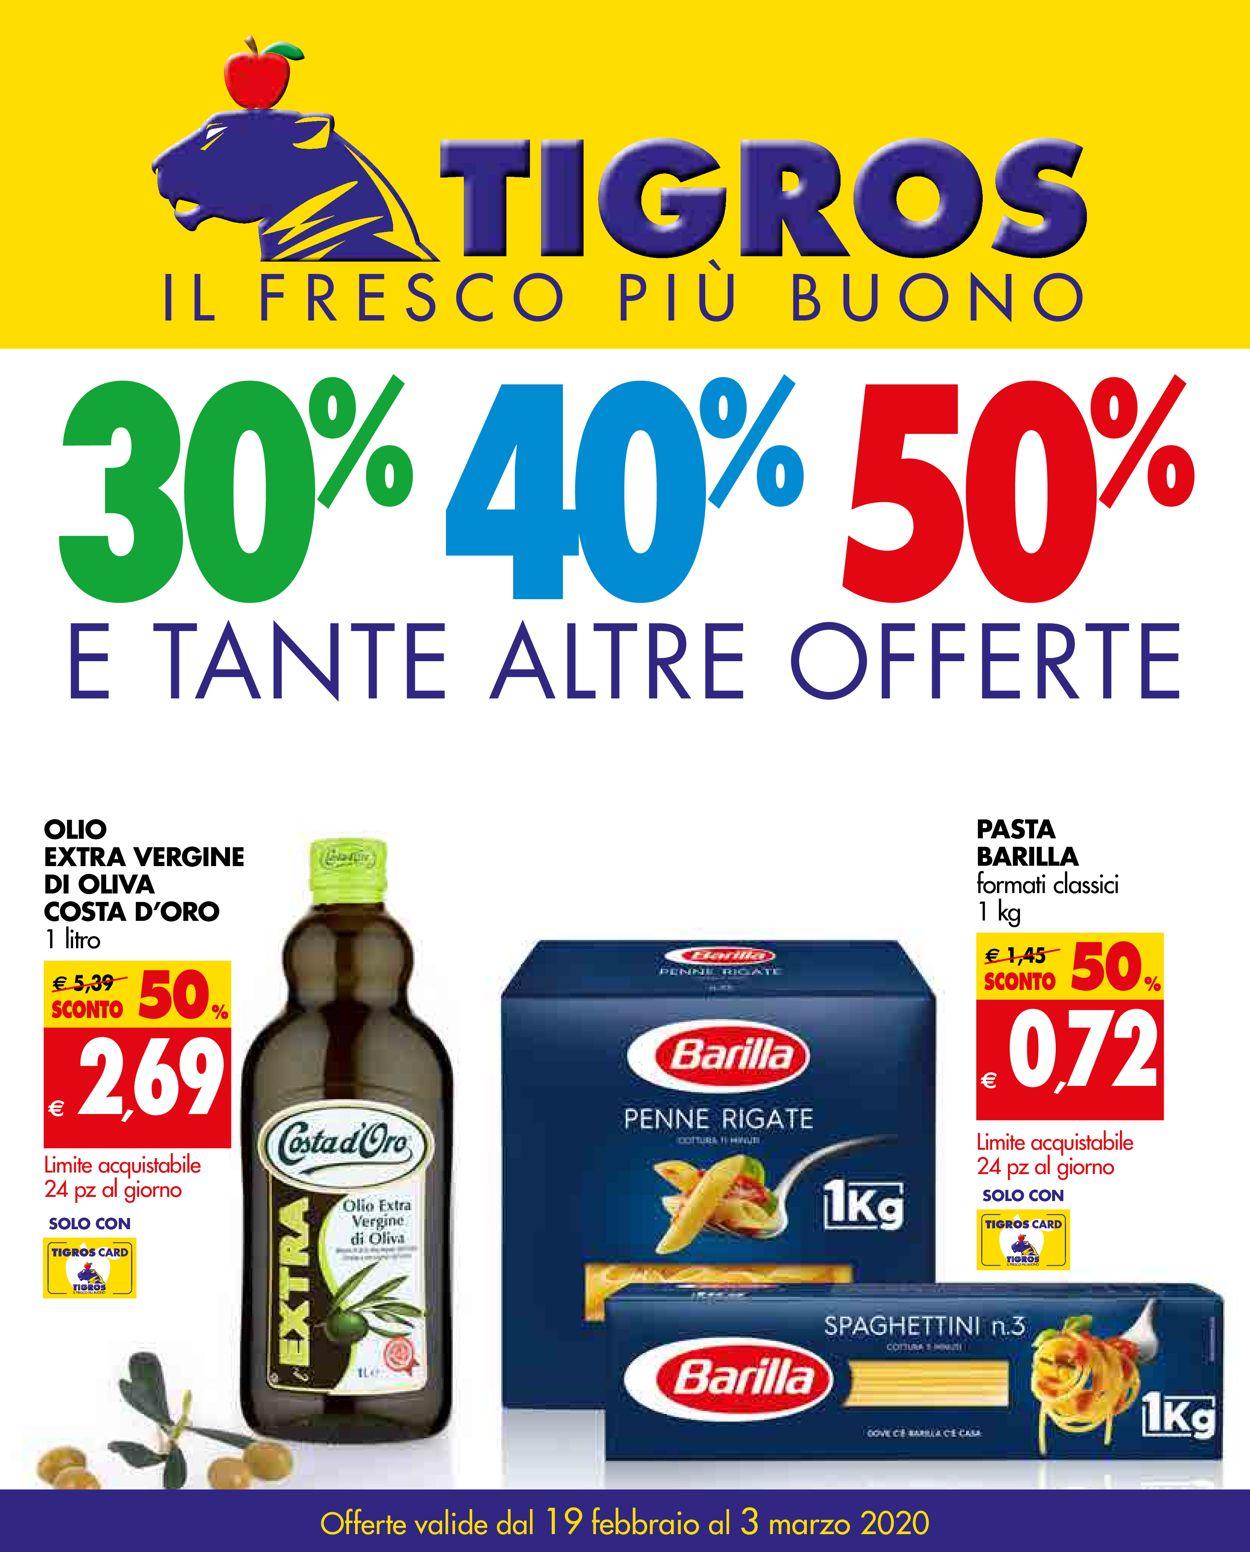 Volantino Tigros - Offerte 19/02-03/03/2020